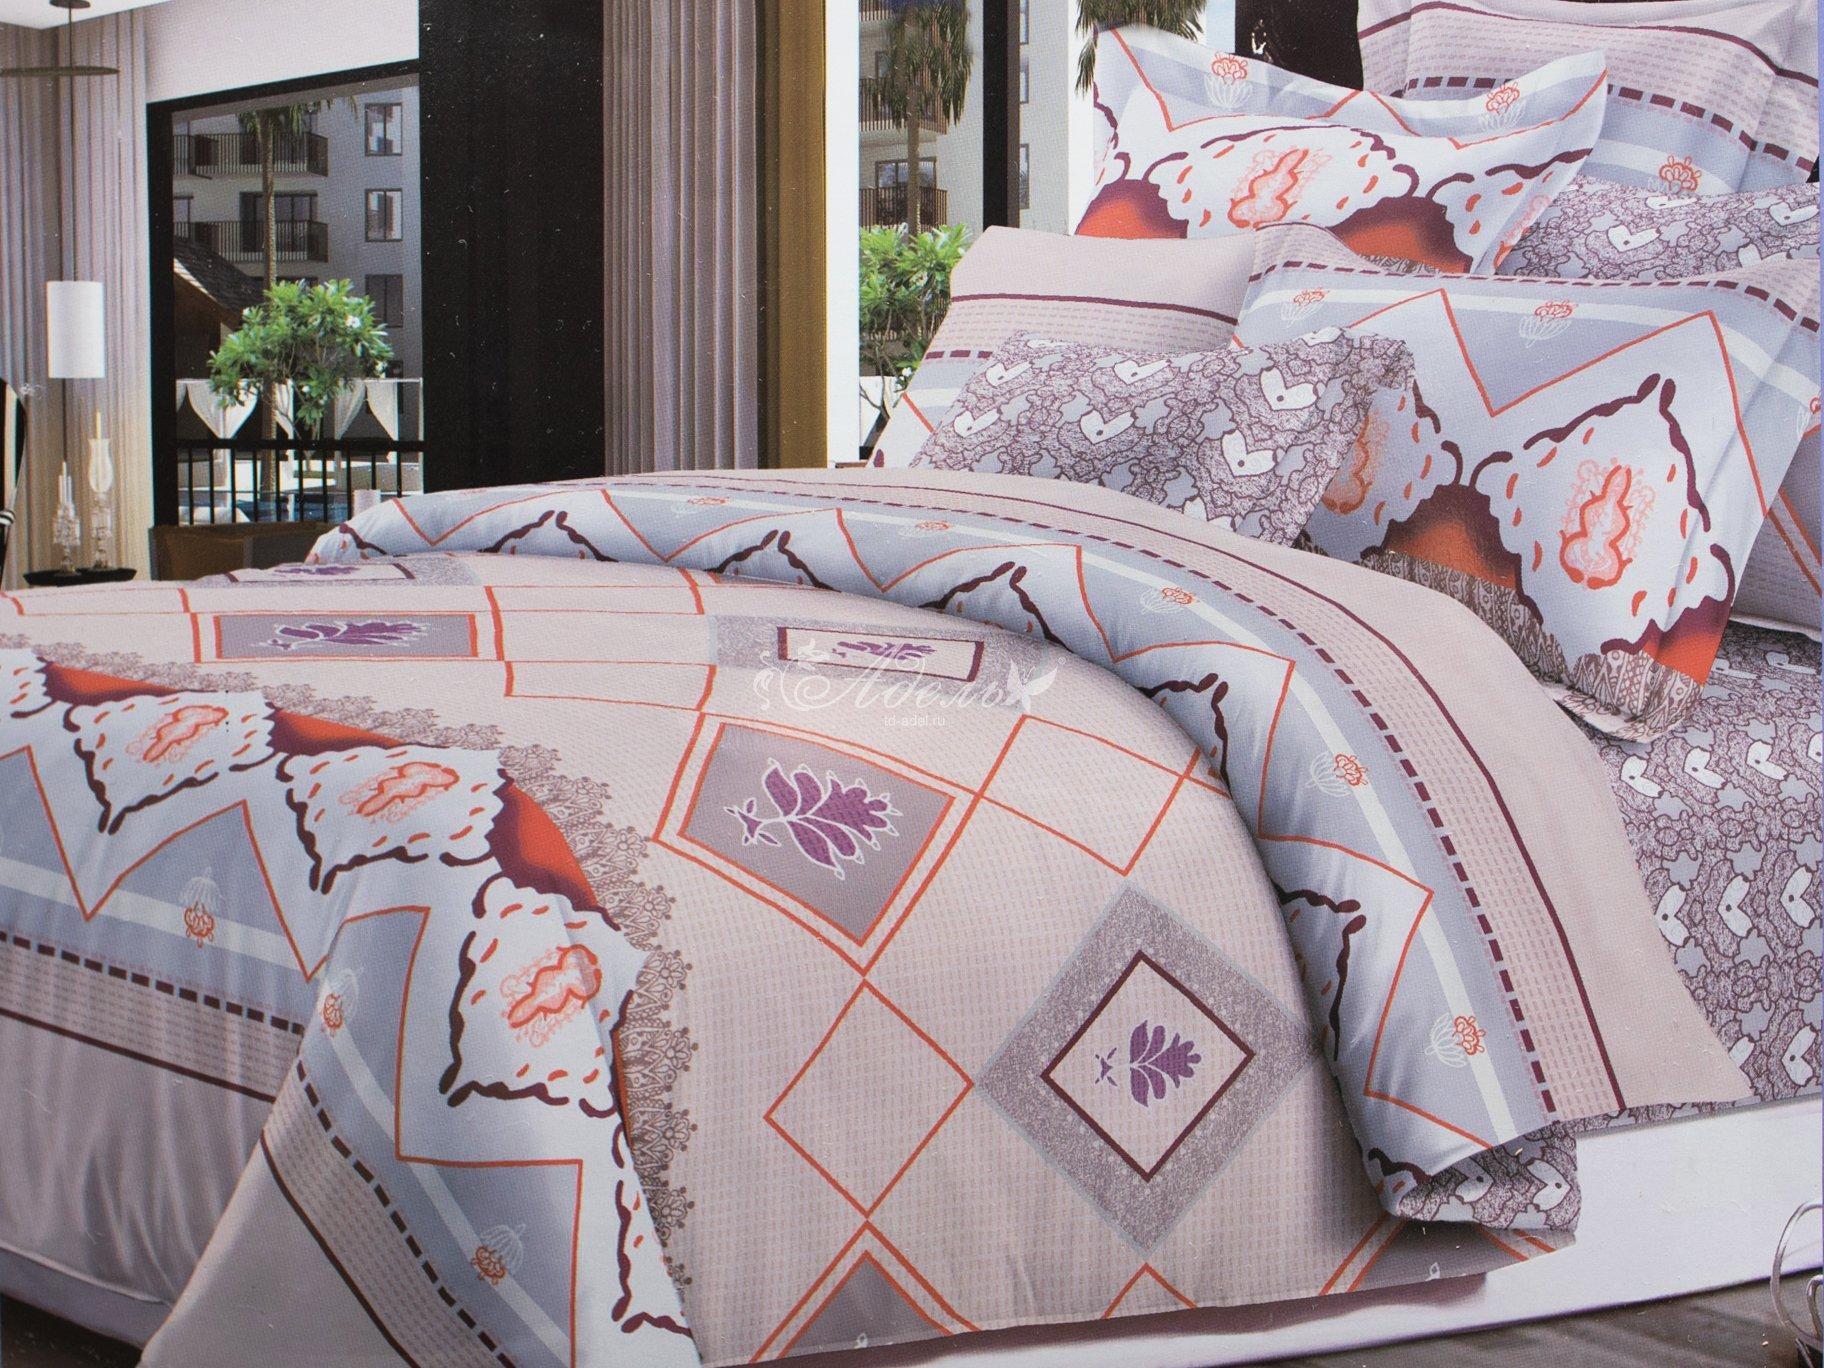 Постельное белье Церемония (поплин) (2 спальный) постельное белье valtery кпб поплин ap 30 2 спальный